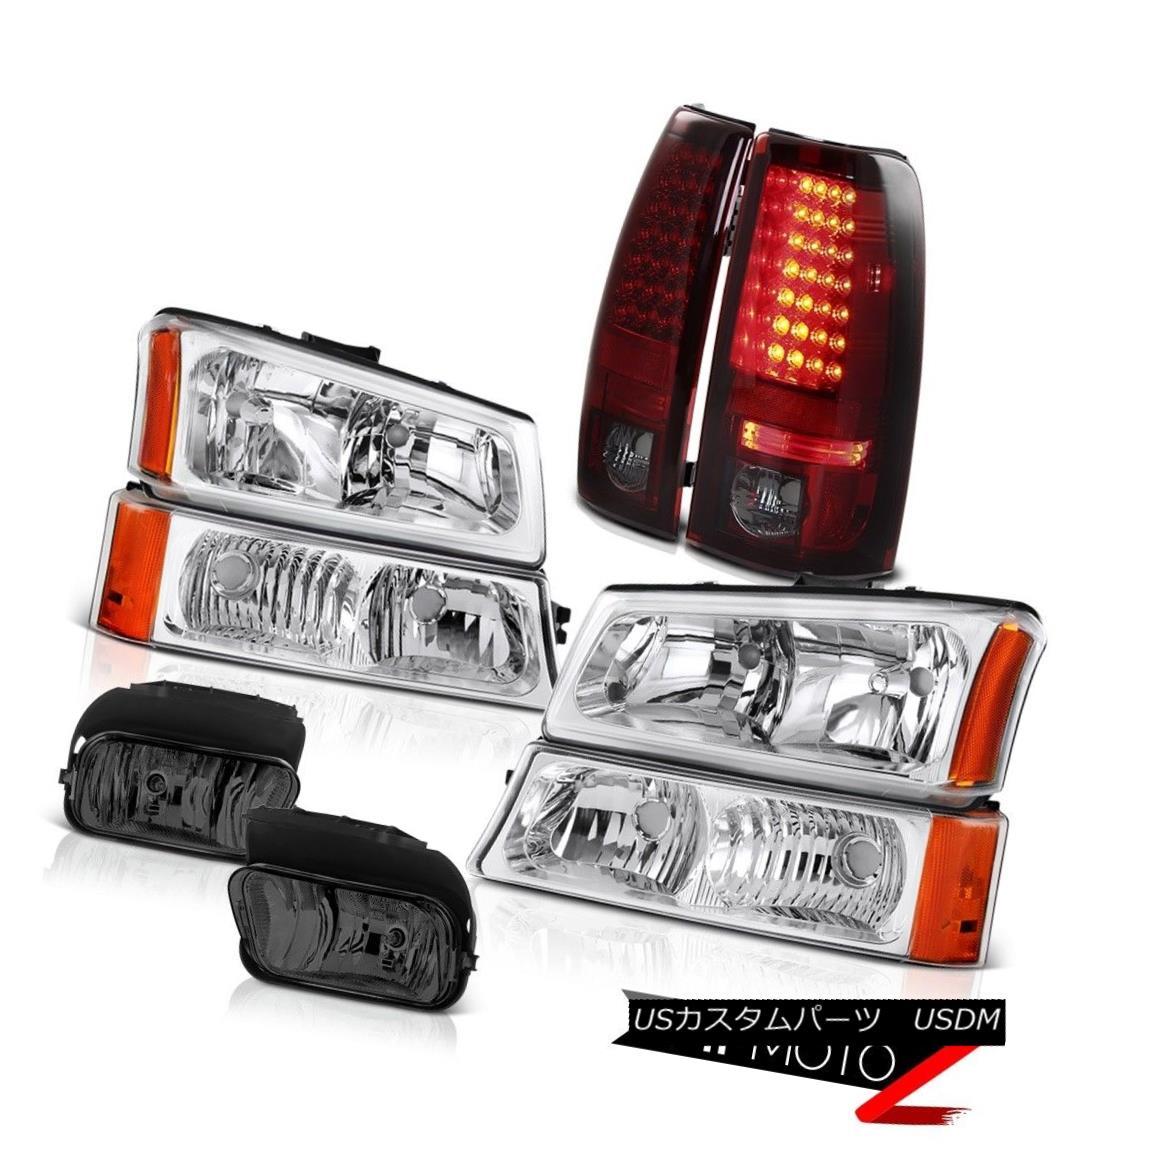 テールライト 03-06 Silverado LS Euro Bumper+Headlamps Bright LED Taillamp Driving Foglights 03-06 Silverado LSユーロバンパー+ヘッドラム ps明るいLEDタイルランプ駆動フォグライト